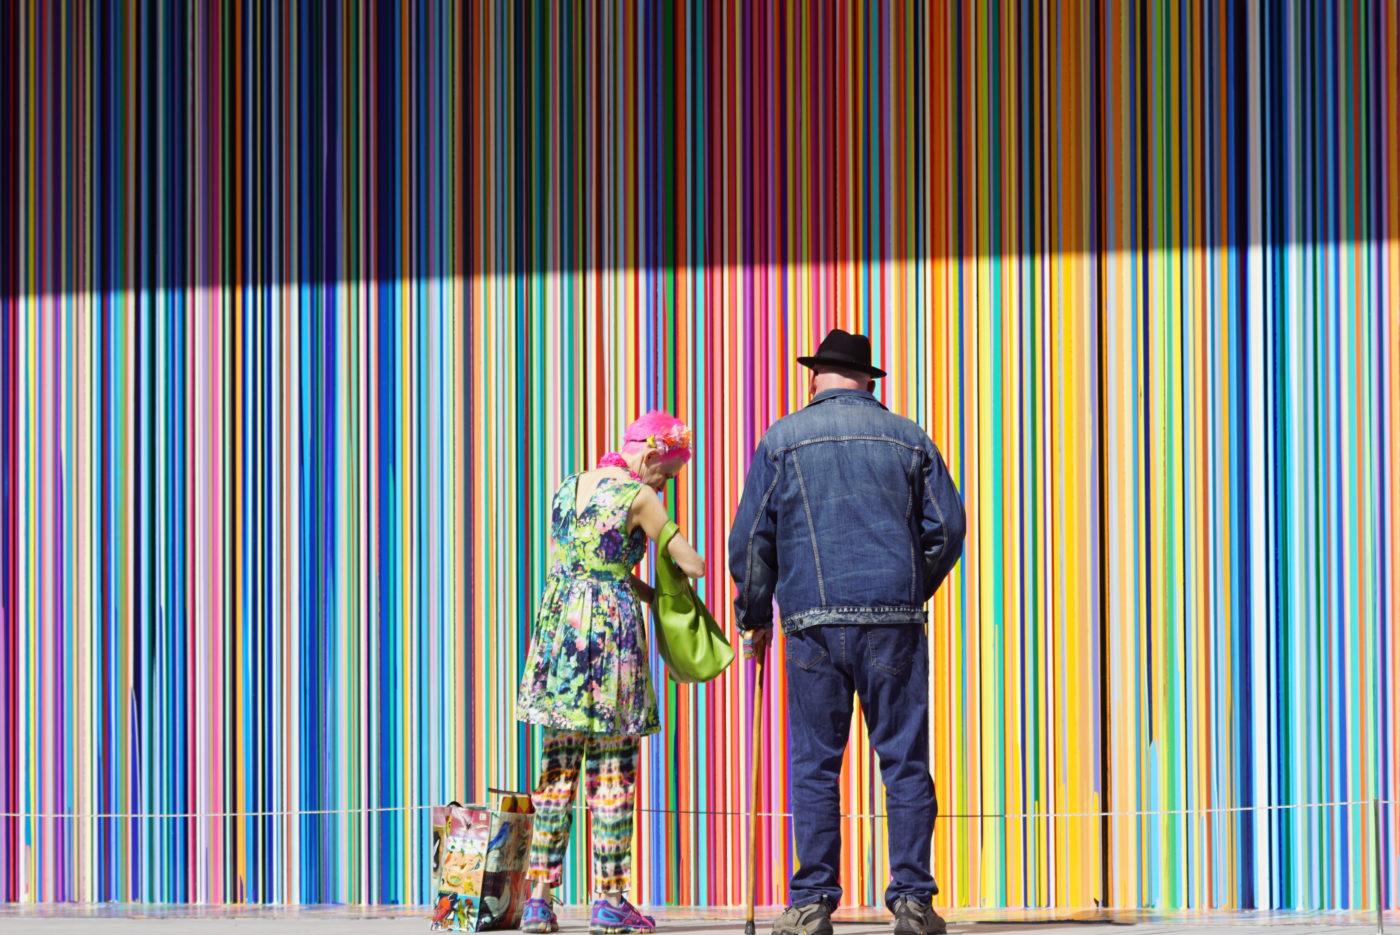 Im Hintergrund ist eine Wand mit vielen dünnen regenbogenfarbenen Streifen zu sehen. Davor steht ein Paar wie es unterschiedlicher nicht seinen kann. Sie in einem buntem Kleid und Hose die exakt die selben Farben wie die Wand im Hintergrund hat.Er komplett in Jeans gekleidet mit schwarzem Hut und Gehstock